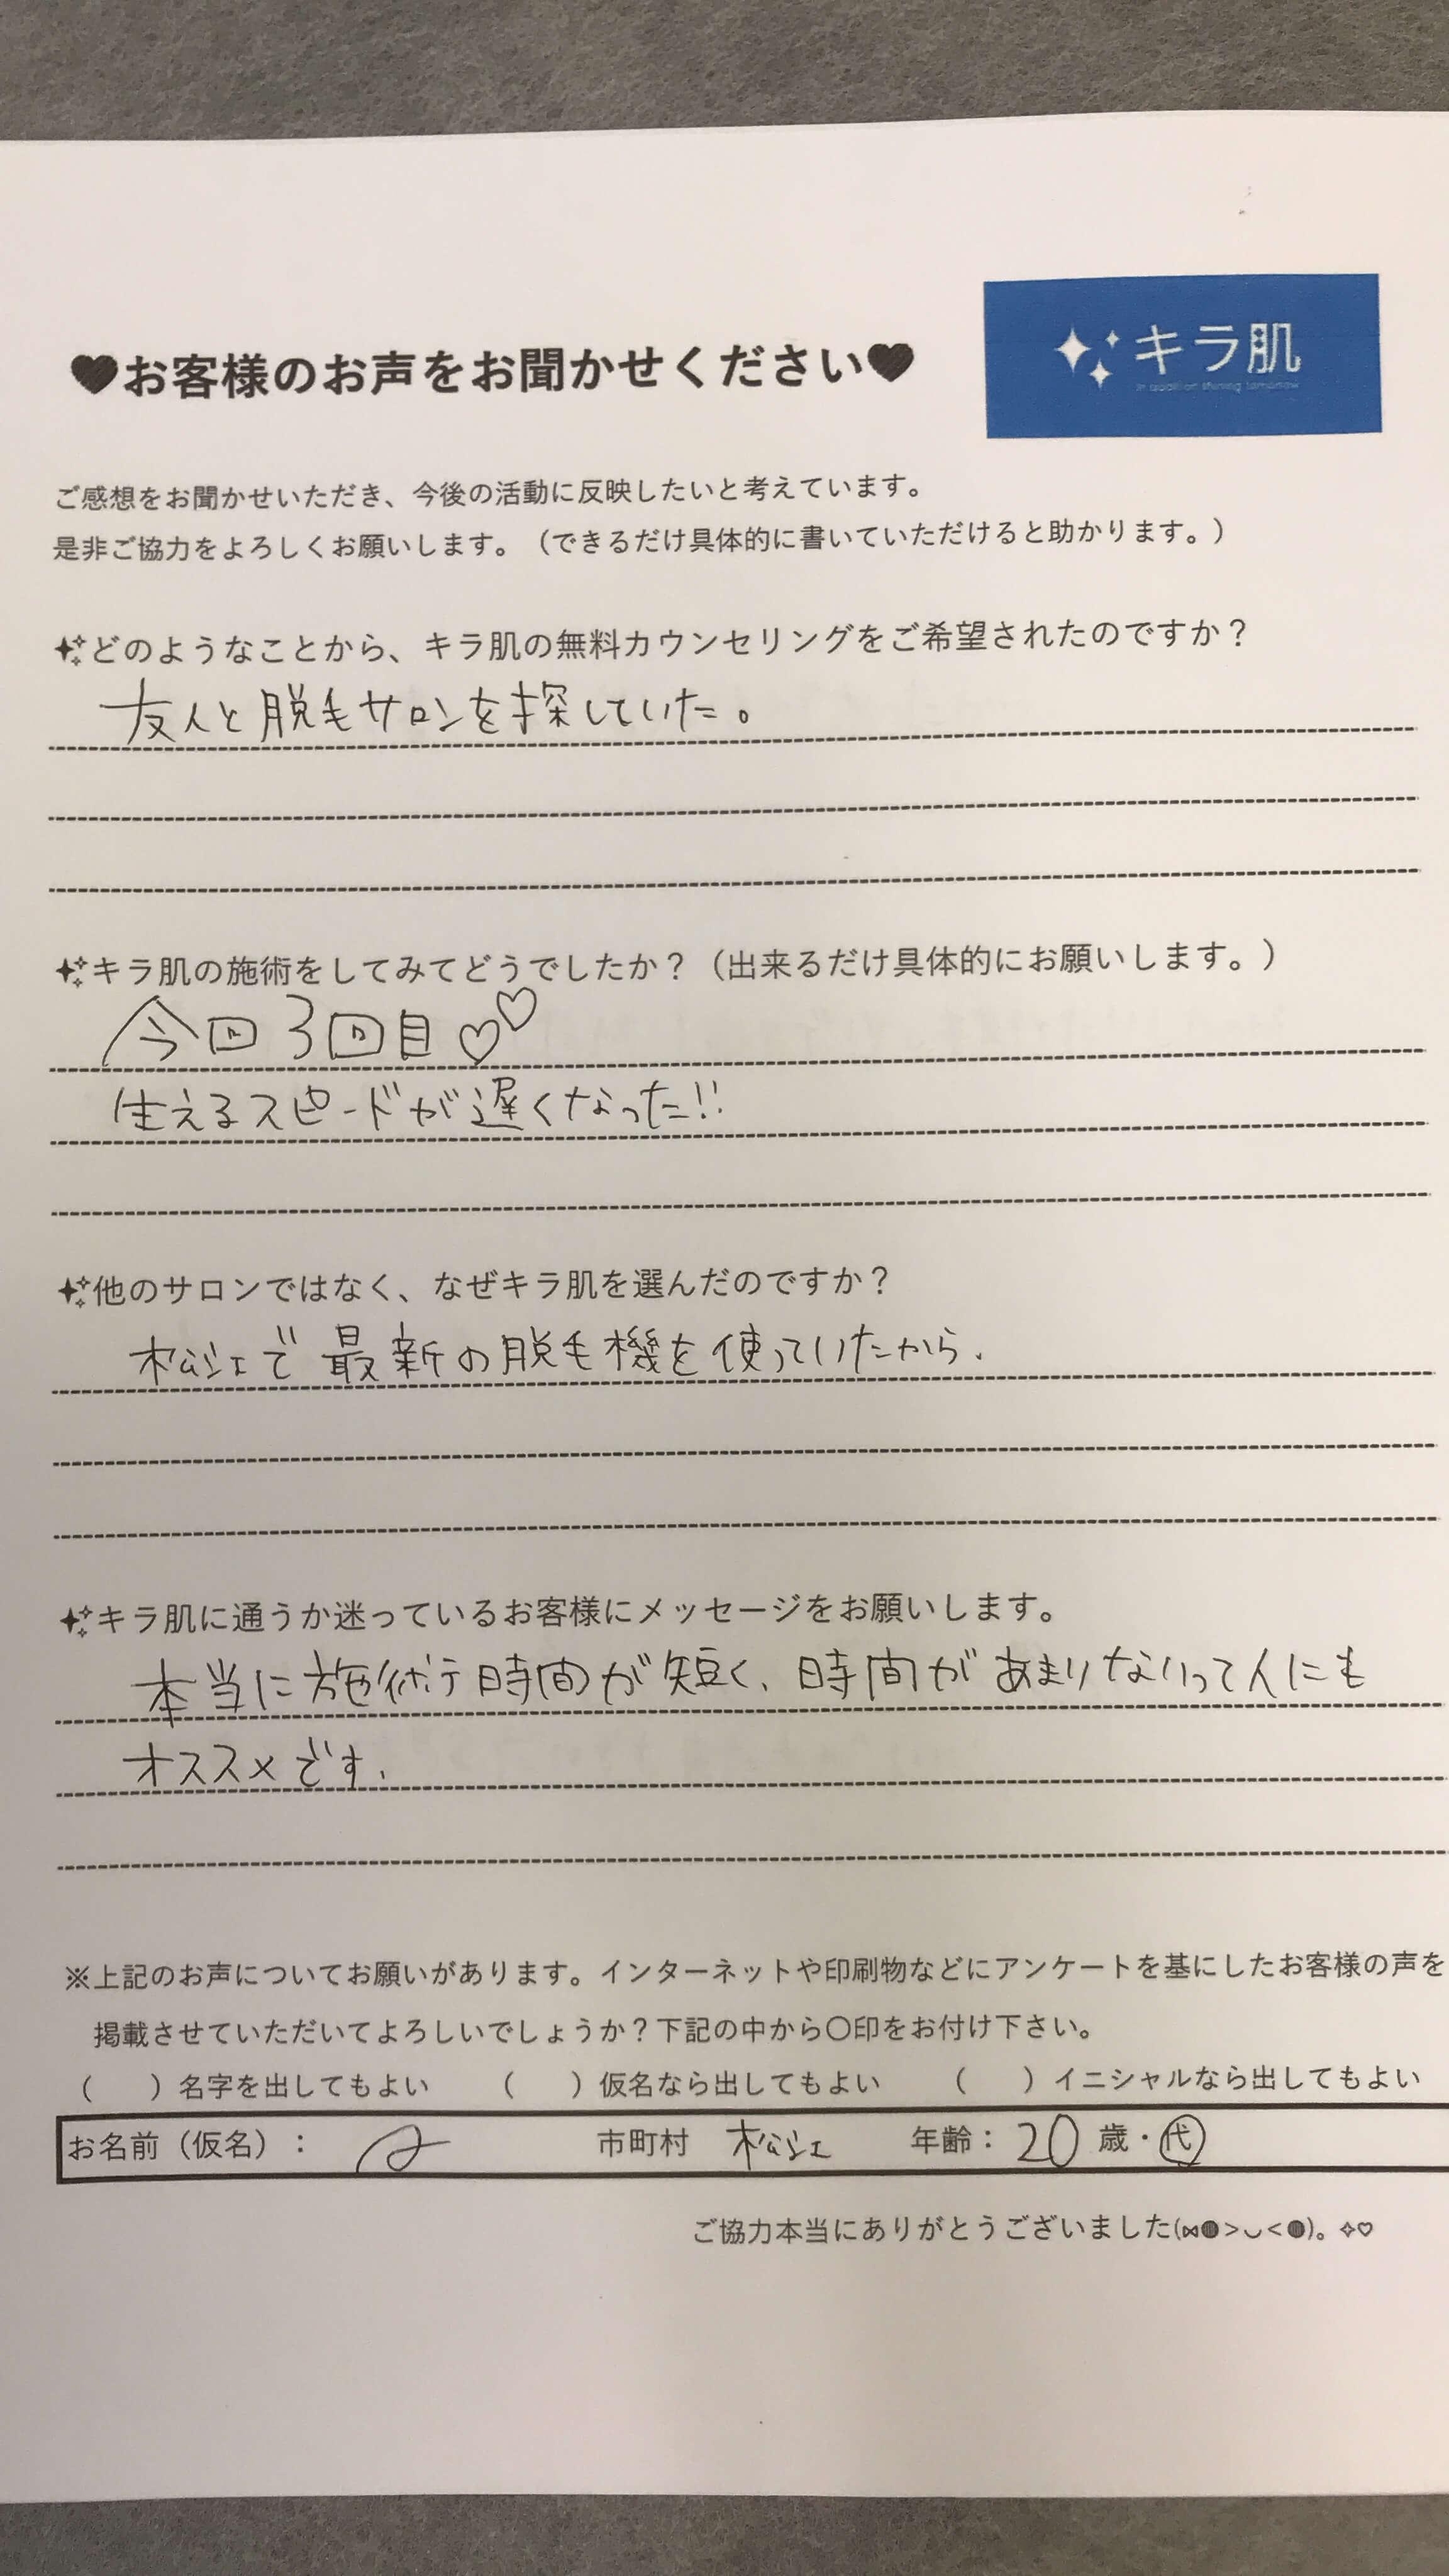 松江フォーゲルパーク近辺キラ肌お客様口コミ。